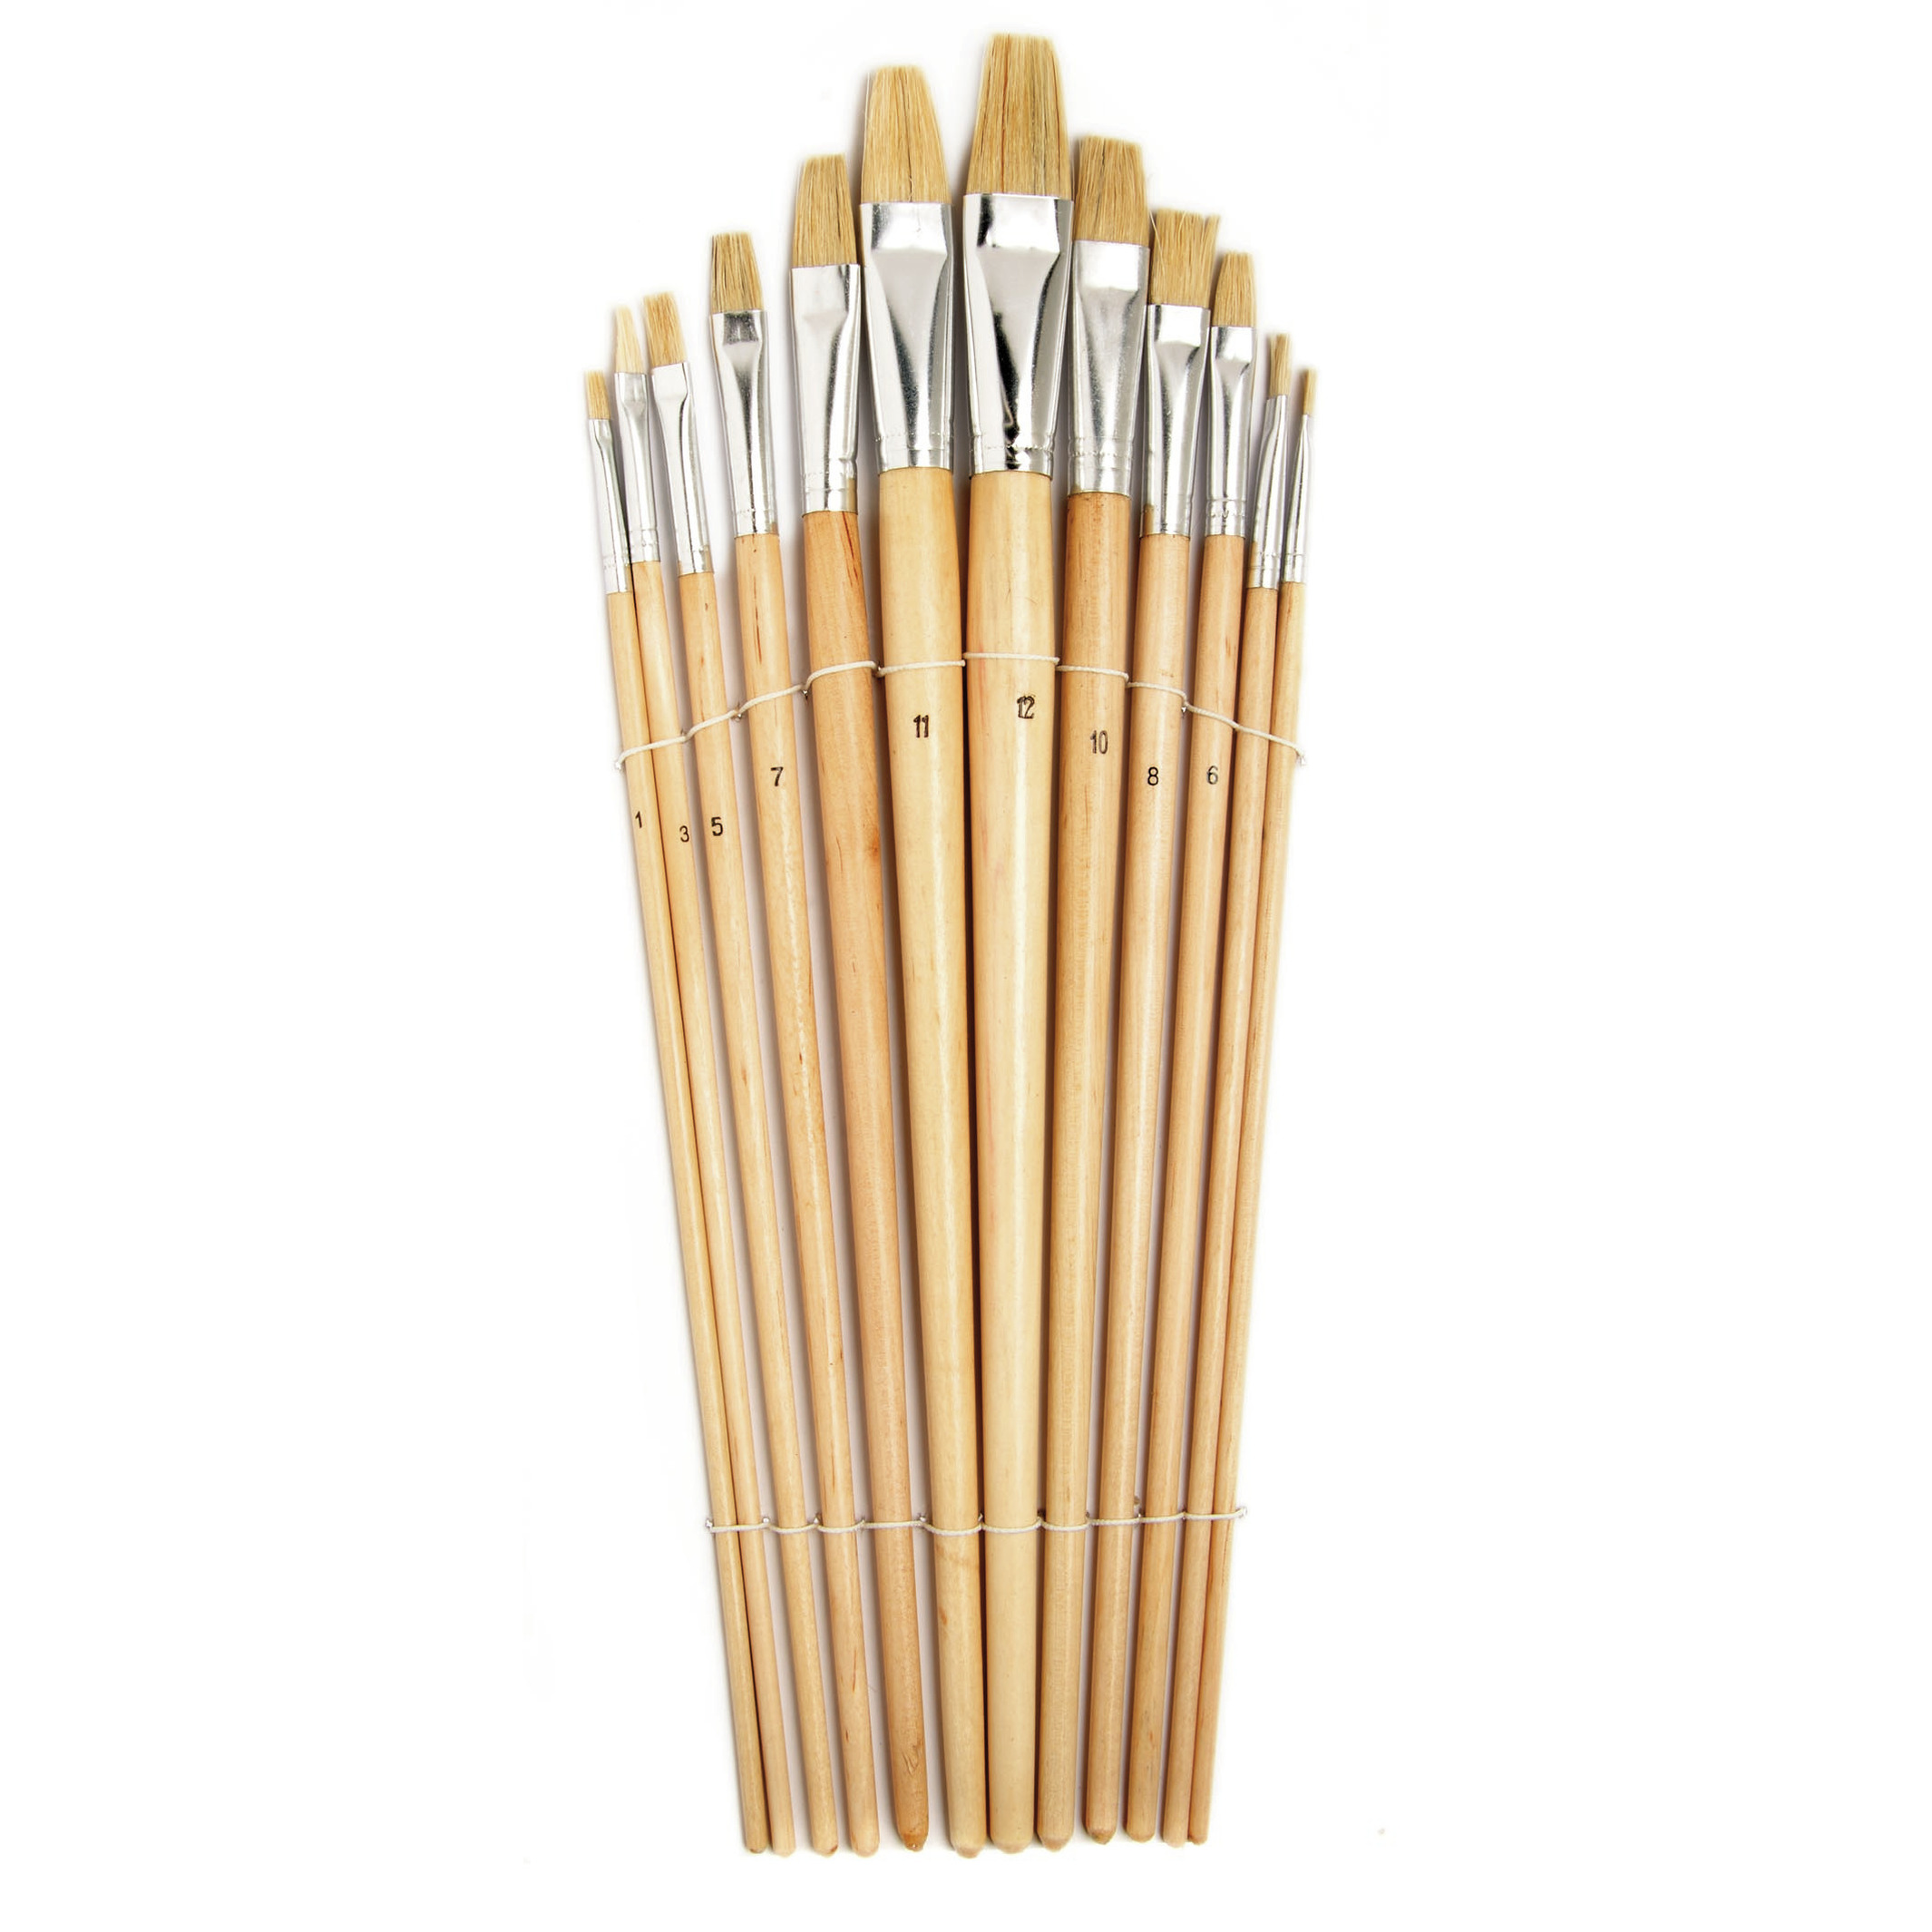 Setje van 12x stuks schilder penselen plat van hout met diverse formaten